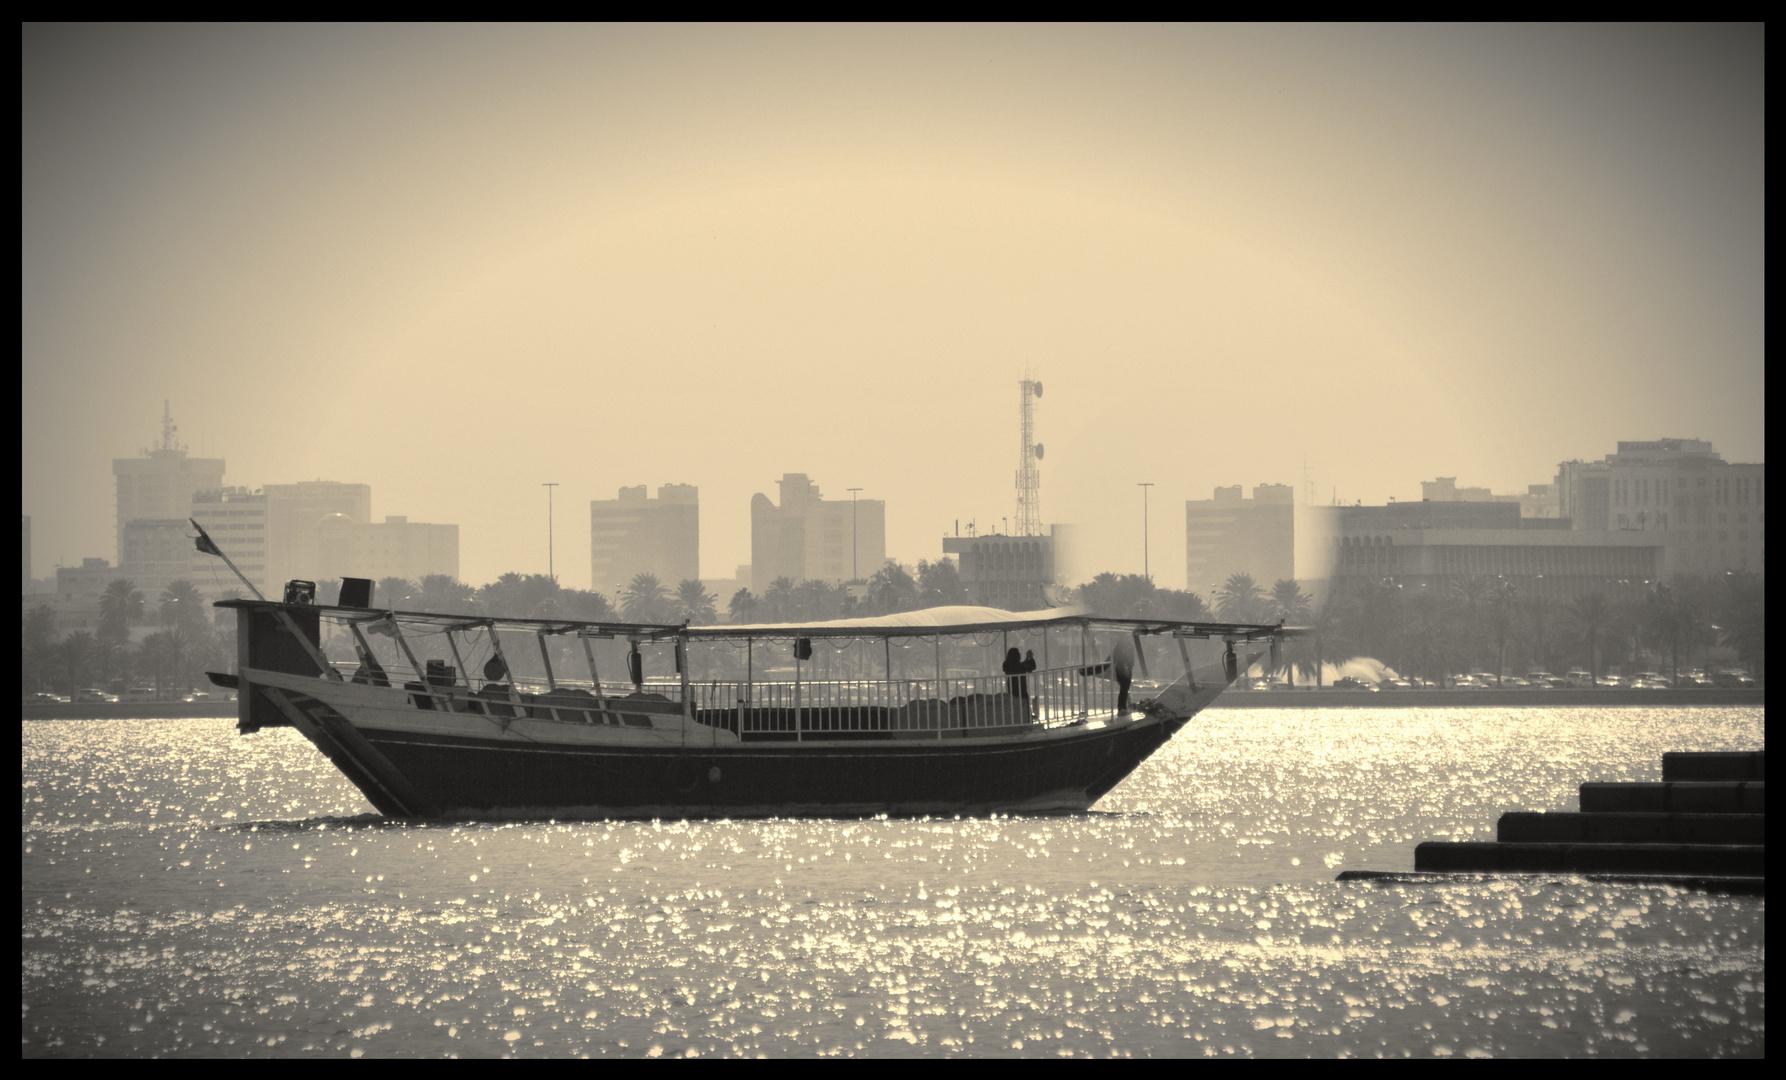 Doha Cornish